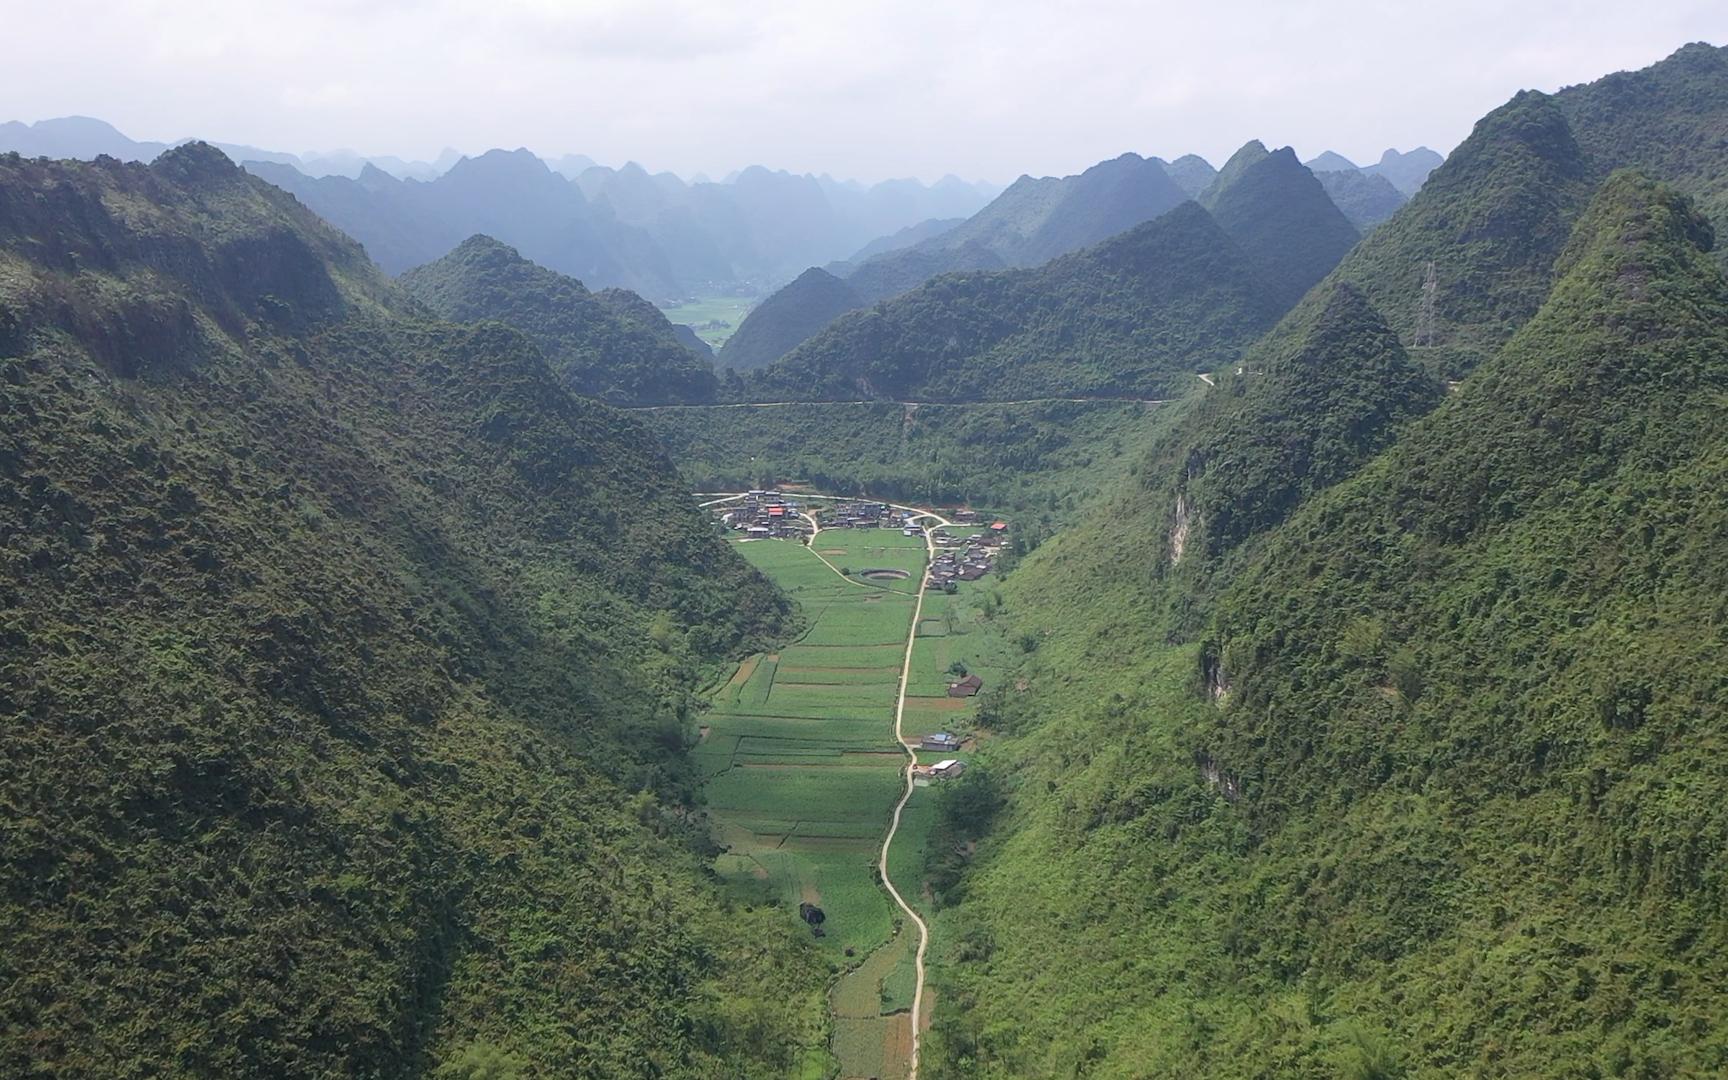 航拍:大山坳下的村庄,崎岖的山路落差几百米,老司机看了都发抖